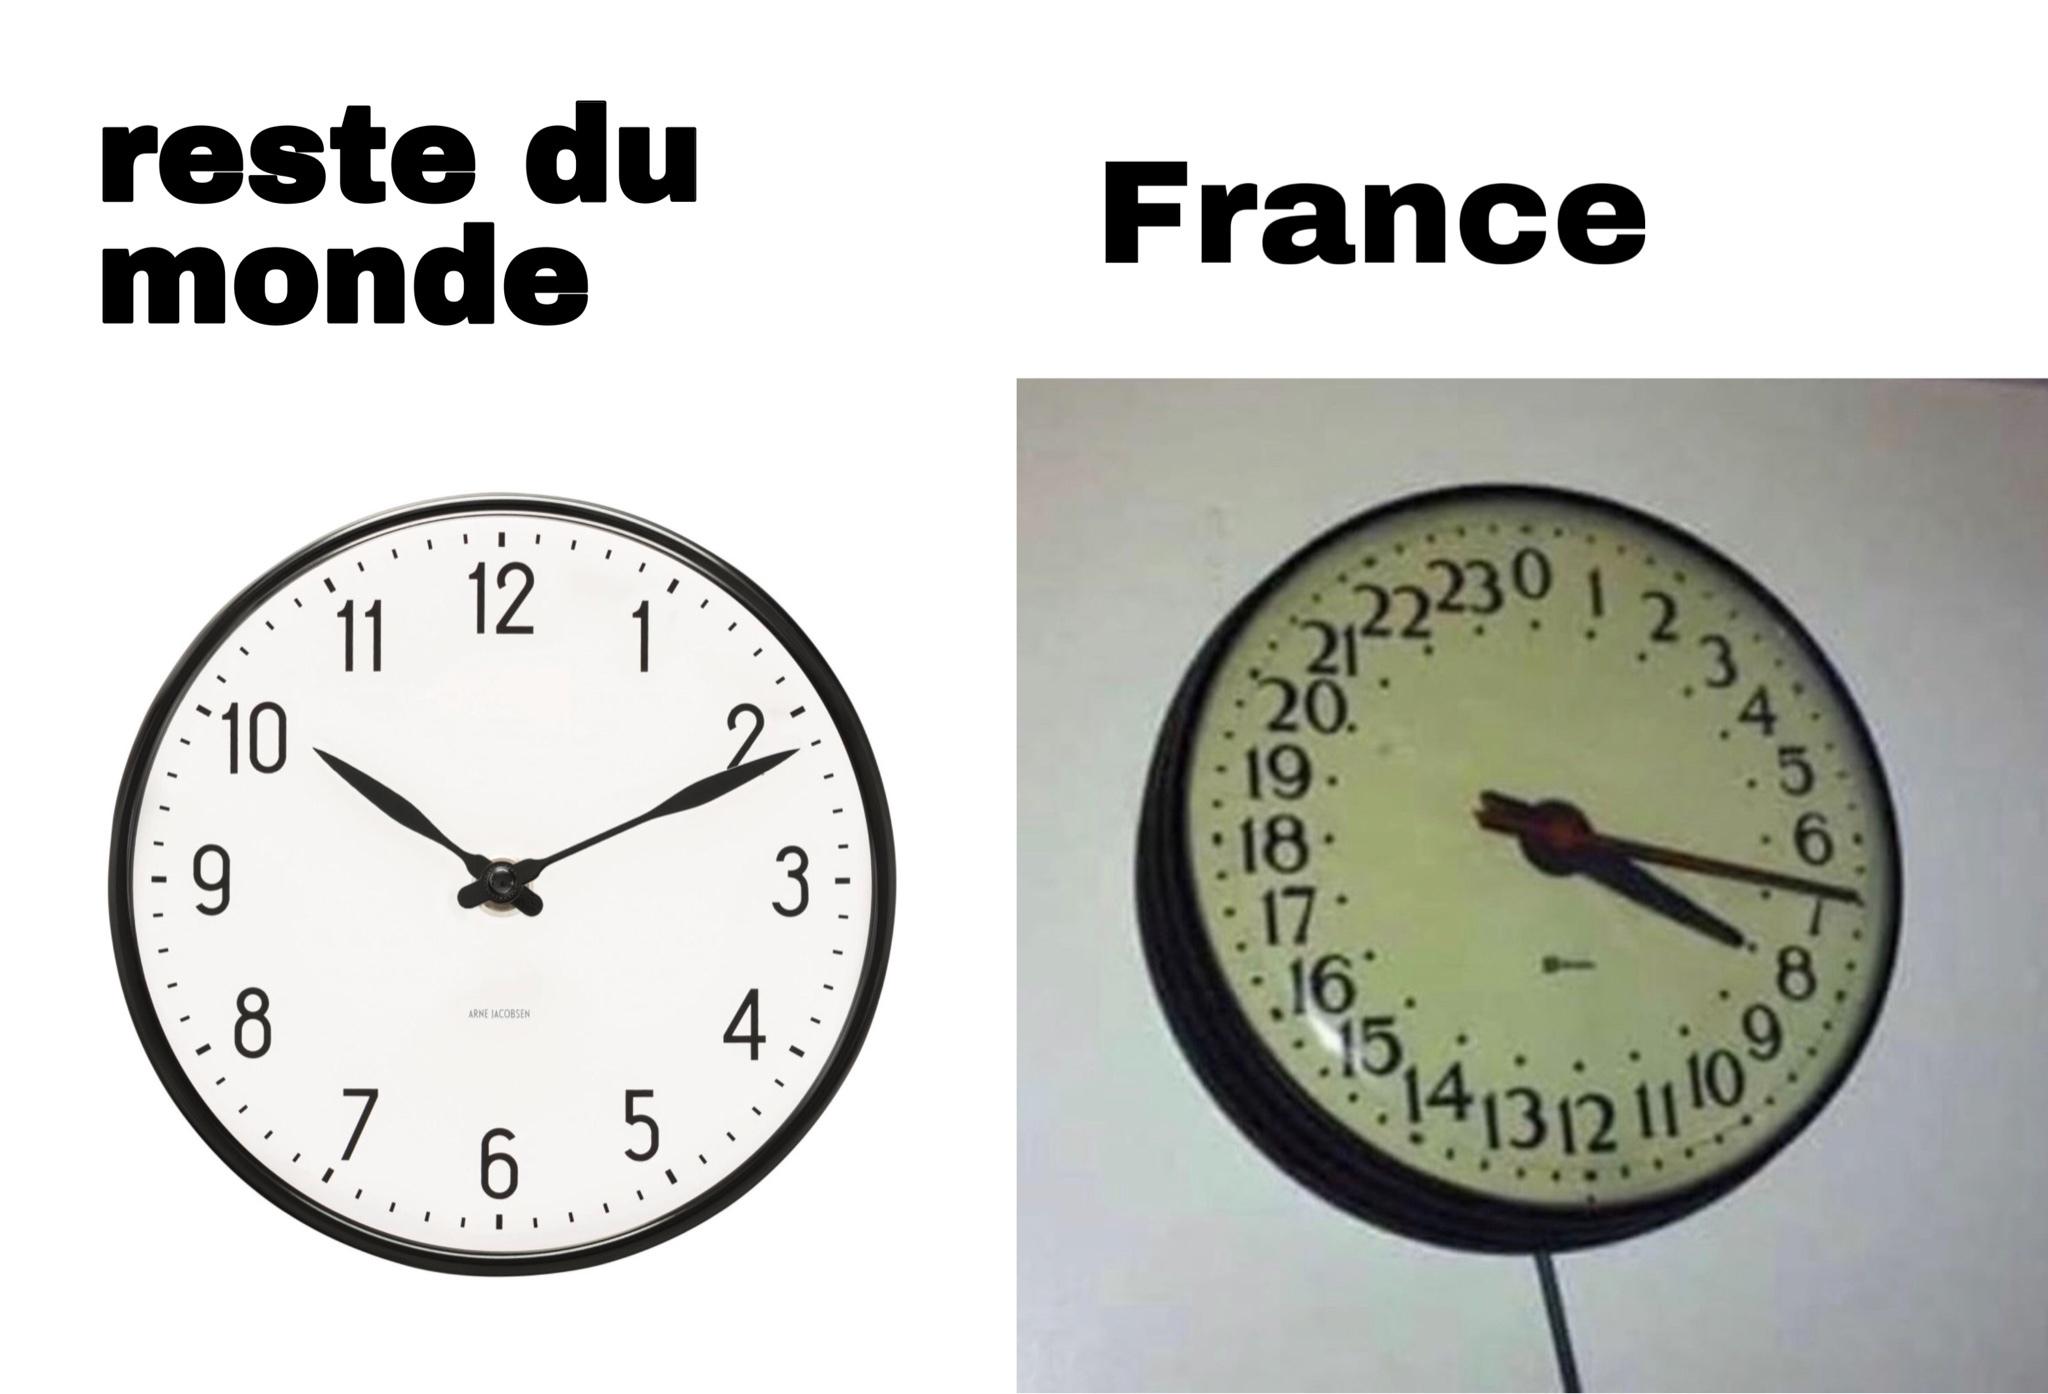 plus informatif que drole : la fr est l'un des seul pays a dire13h, 14h, 15h (je crois) - meme